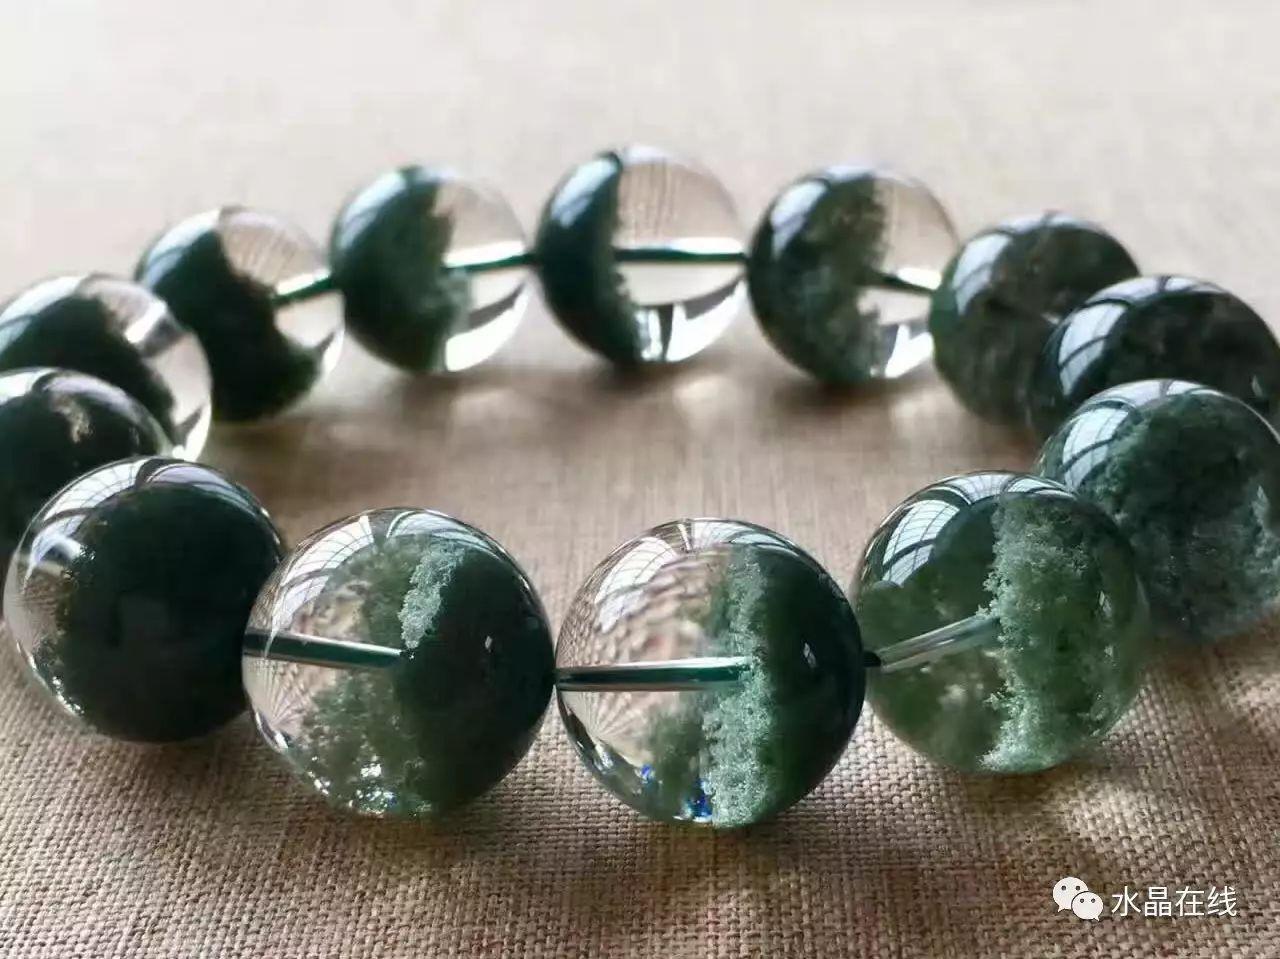 resize,m fill,h 959,w 1280 - 父亲节选一件水晶礼物,送给最疼你的那个男人